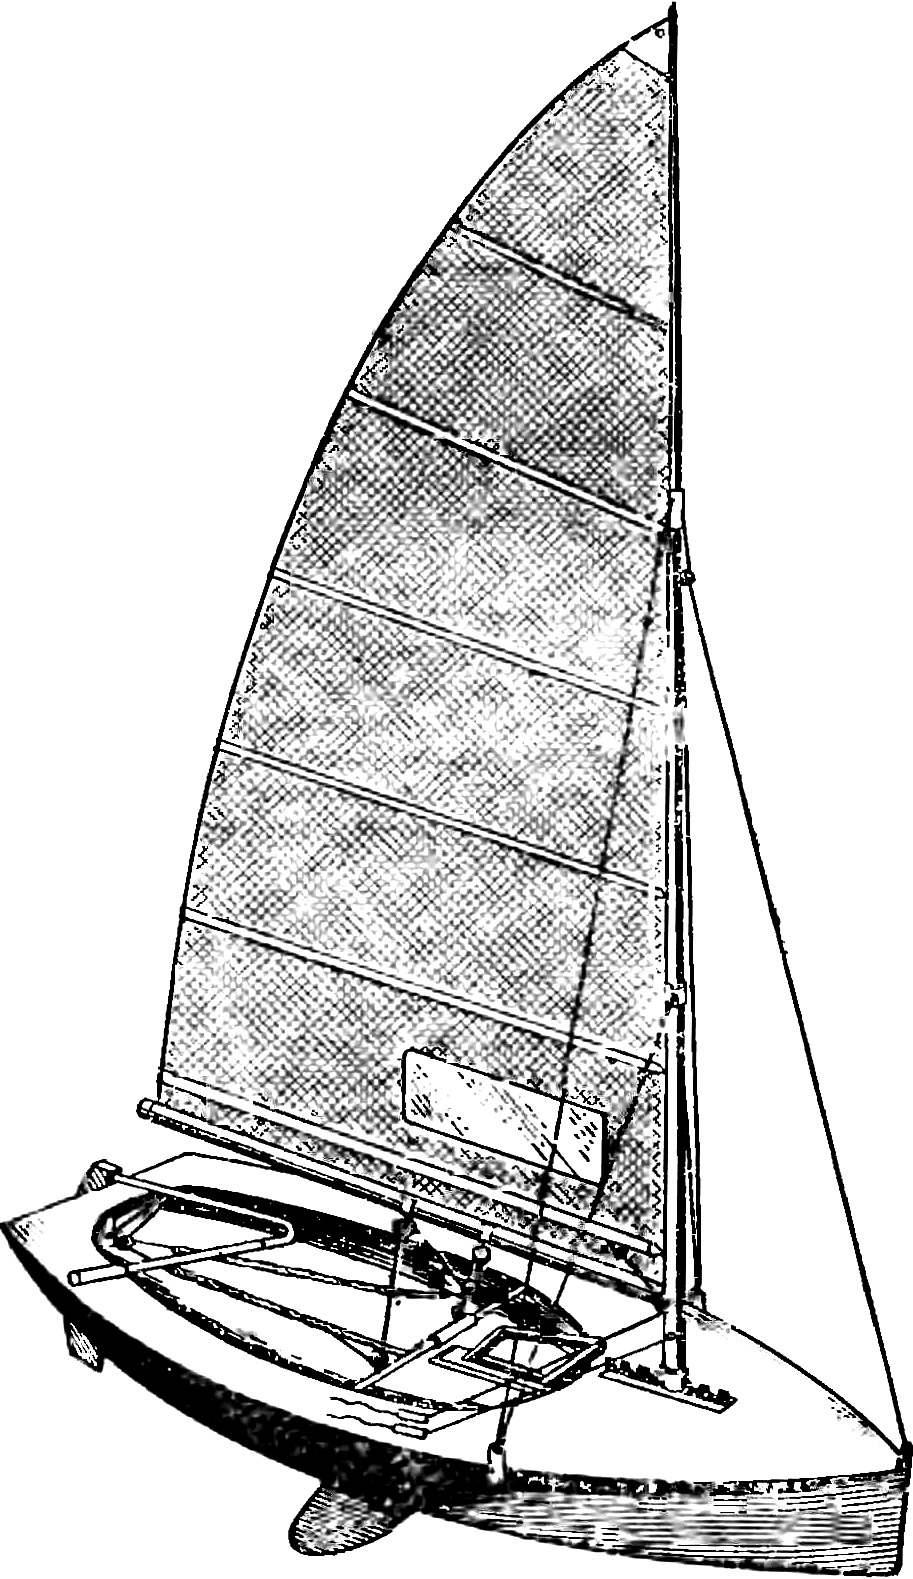 Рис. 1. Спортивный швертбот международного класса «Moth» («Мотылек»).